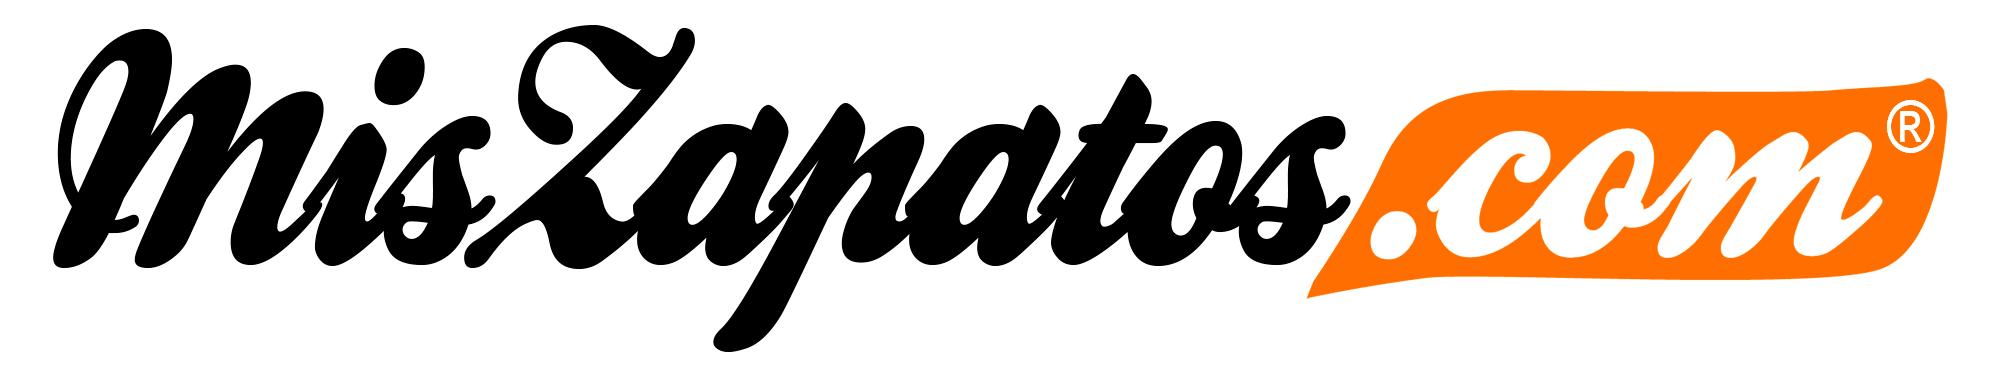 Logo miszapatos.com